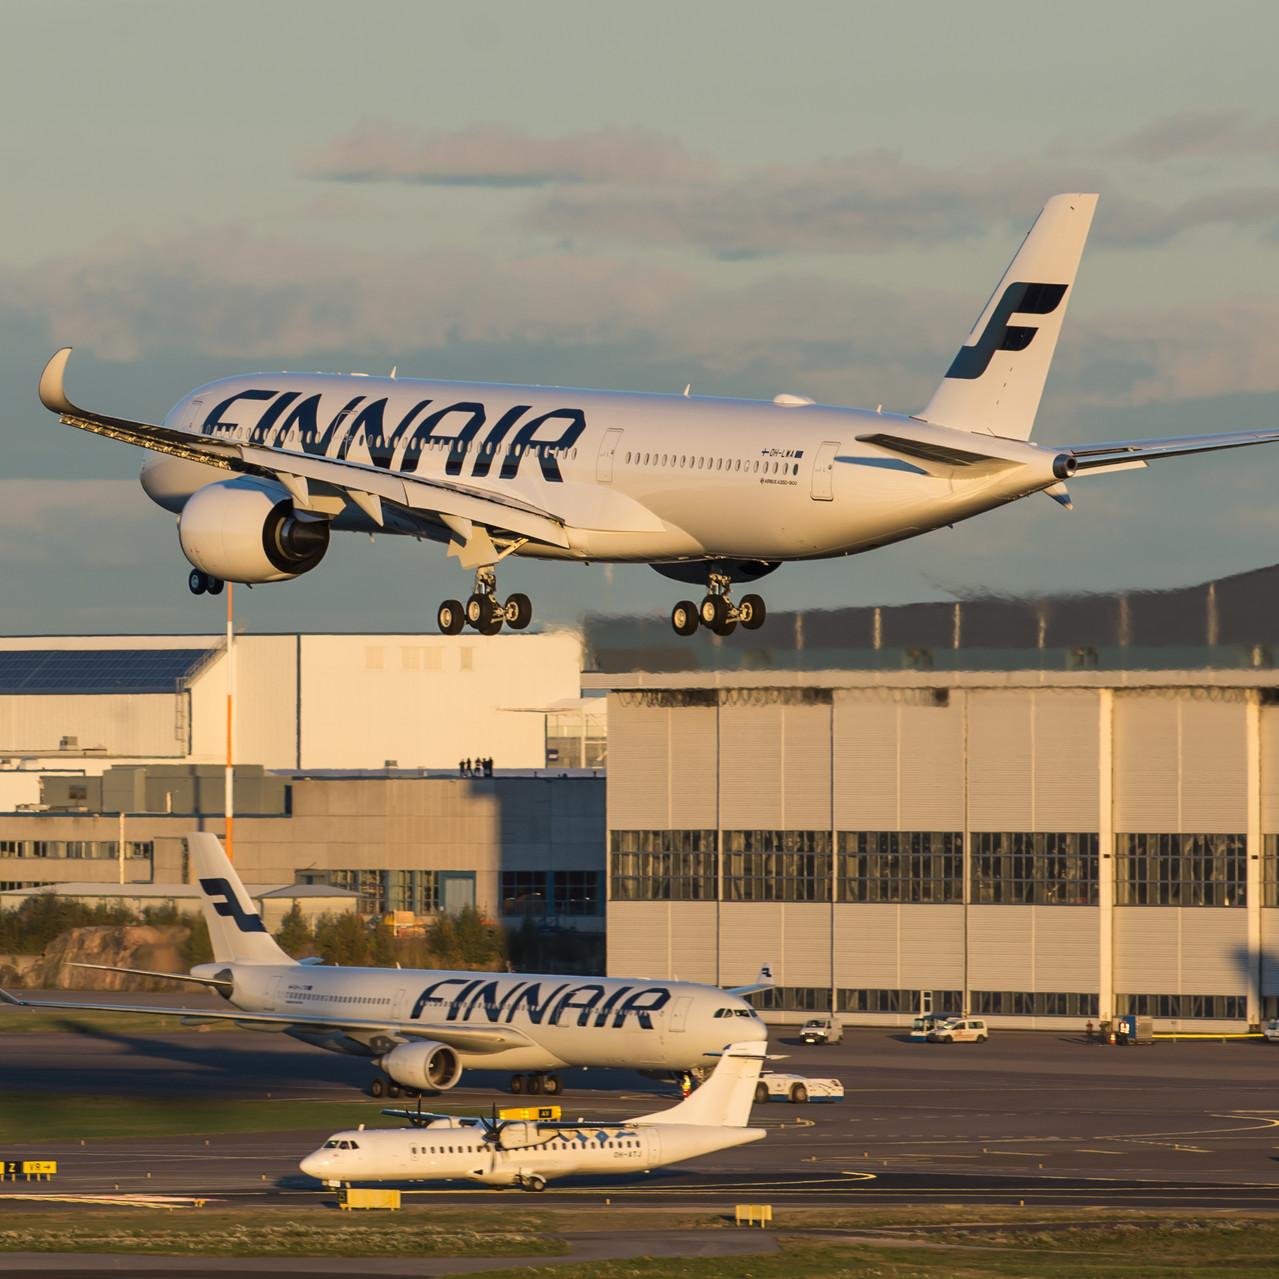 002_A350 XWB Landing_Finnair